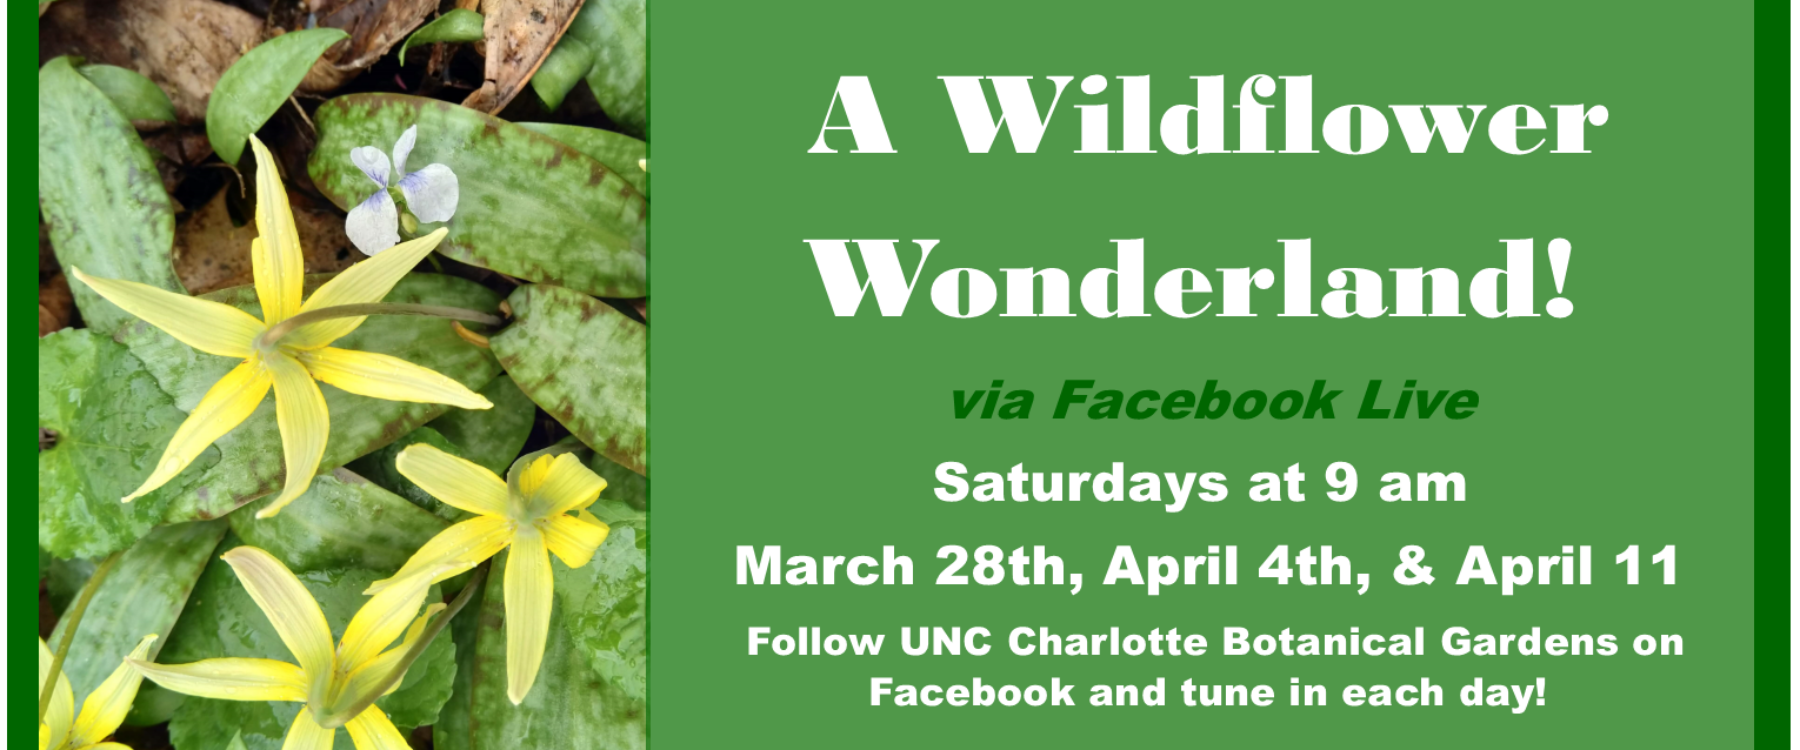 WIldflower Wonderland FB Live Soliloquy